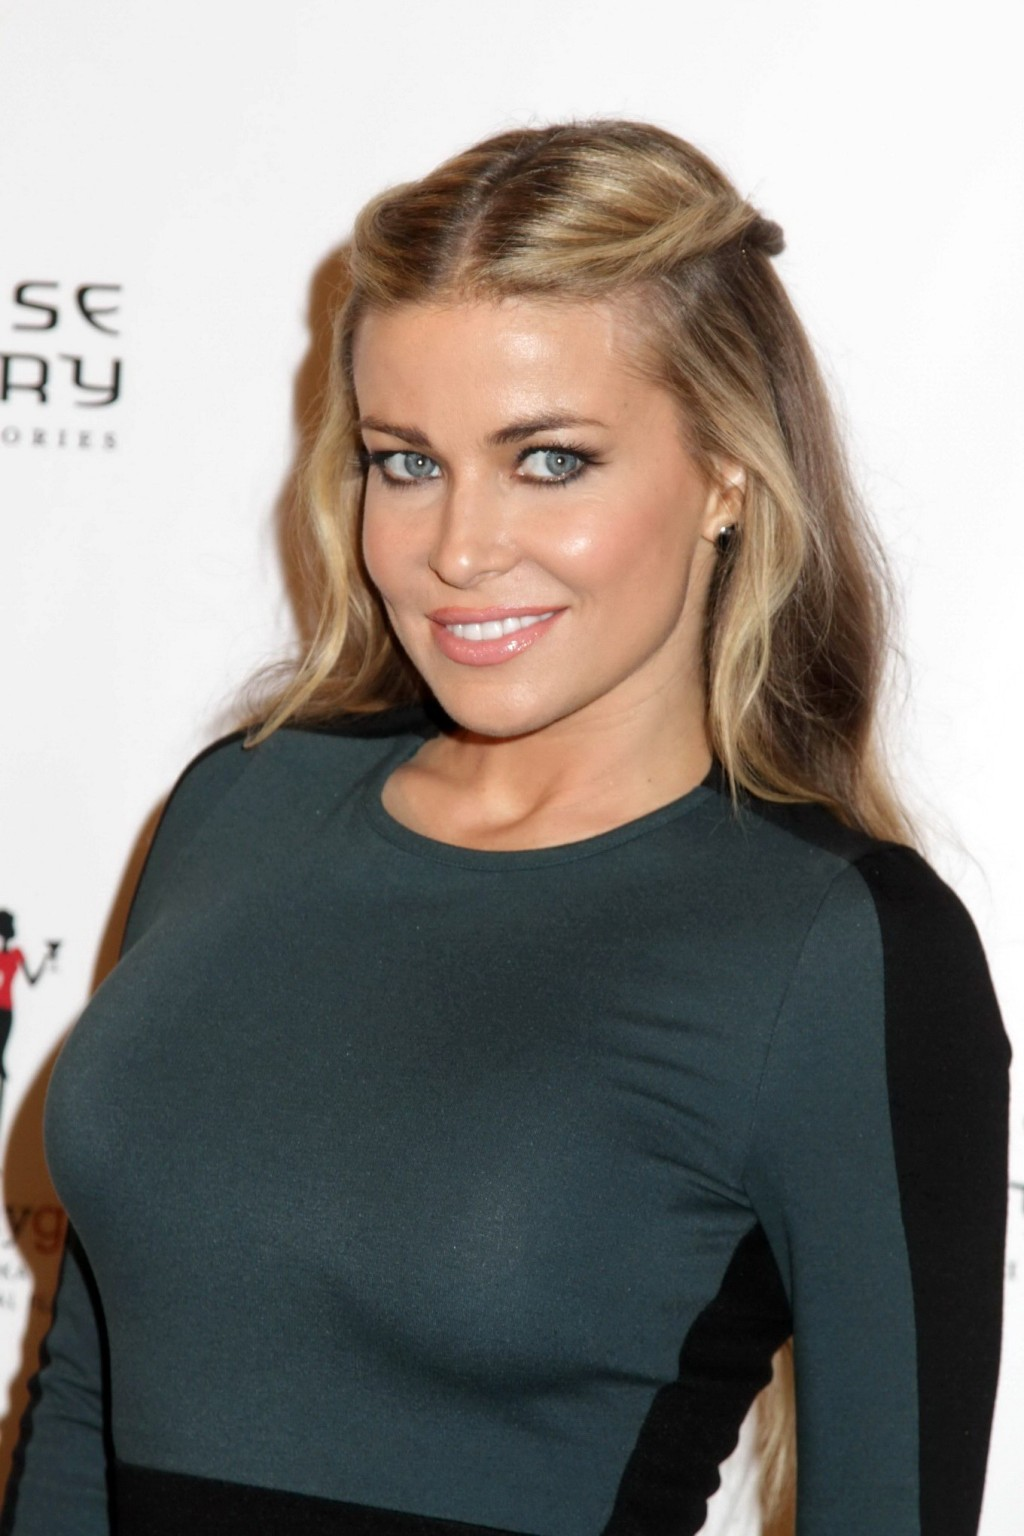 Неимоверно прекрасная актриса с крупной грудью позирует перед камерой